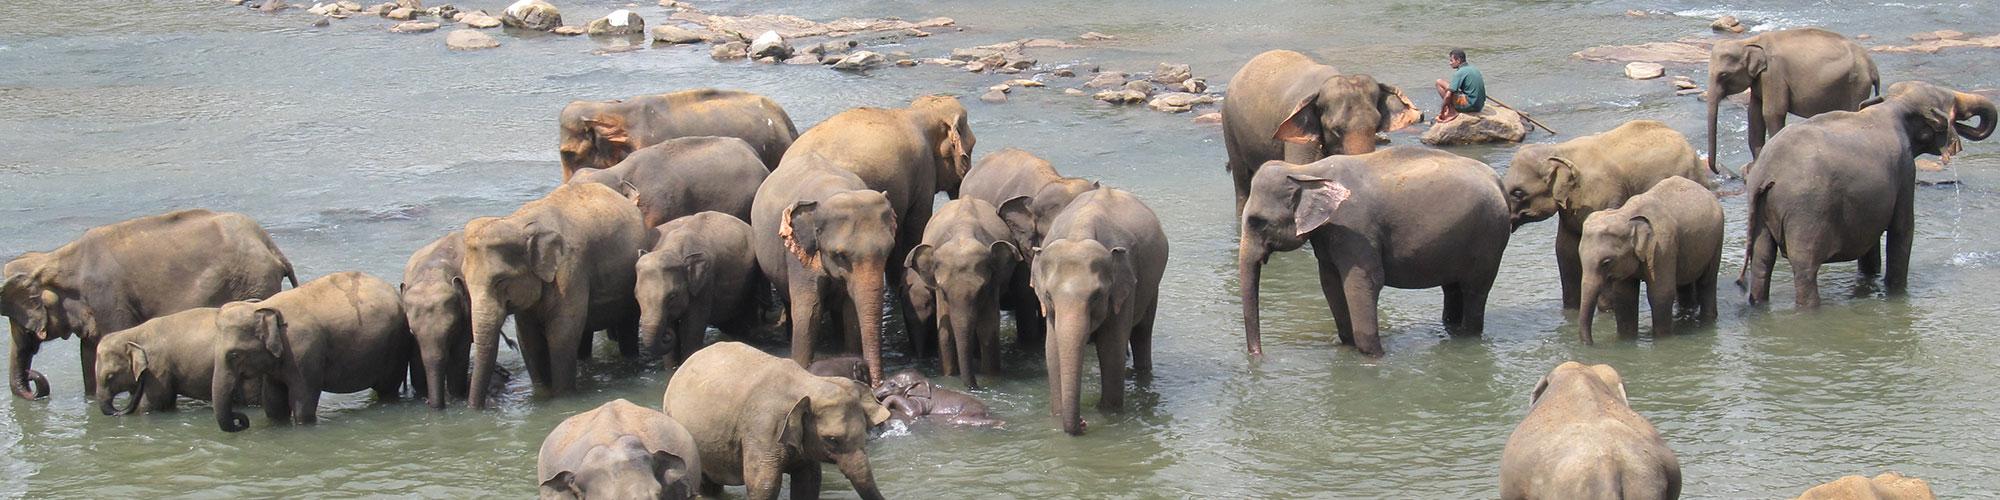 A day with elephants sri lanka